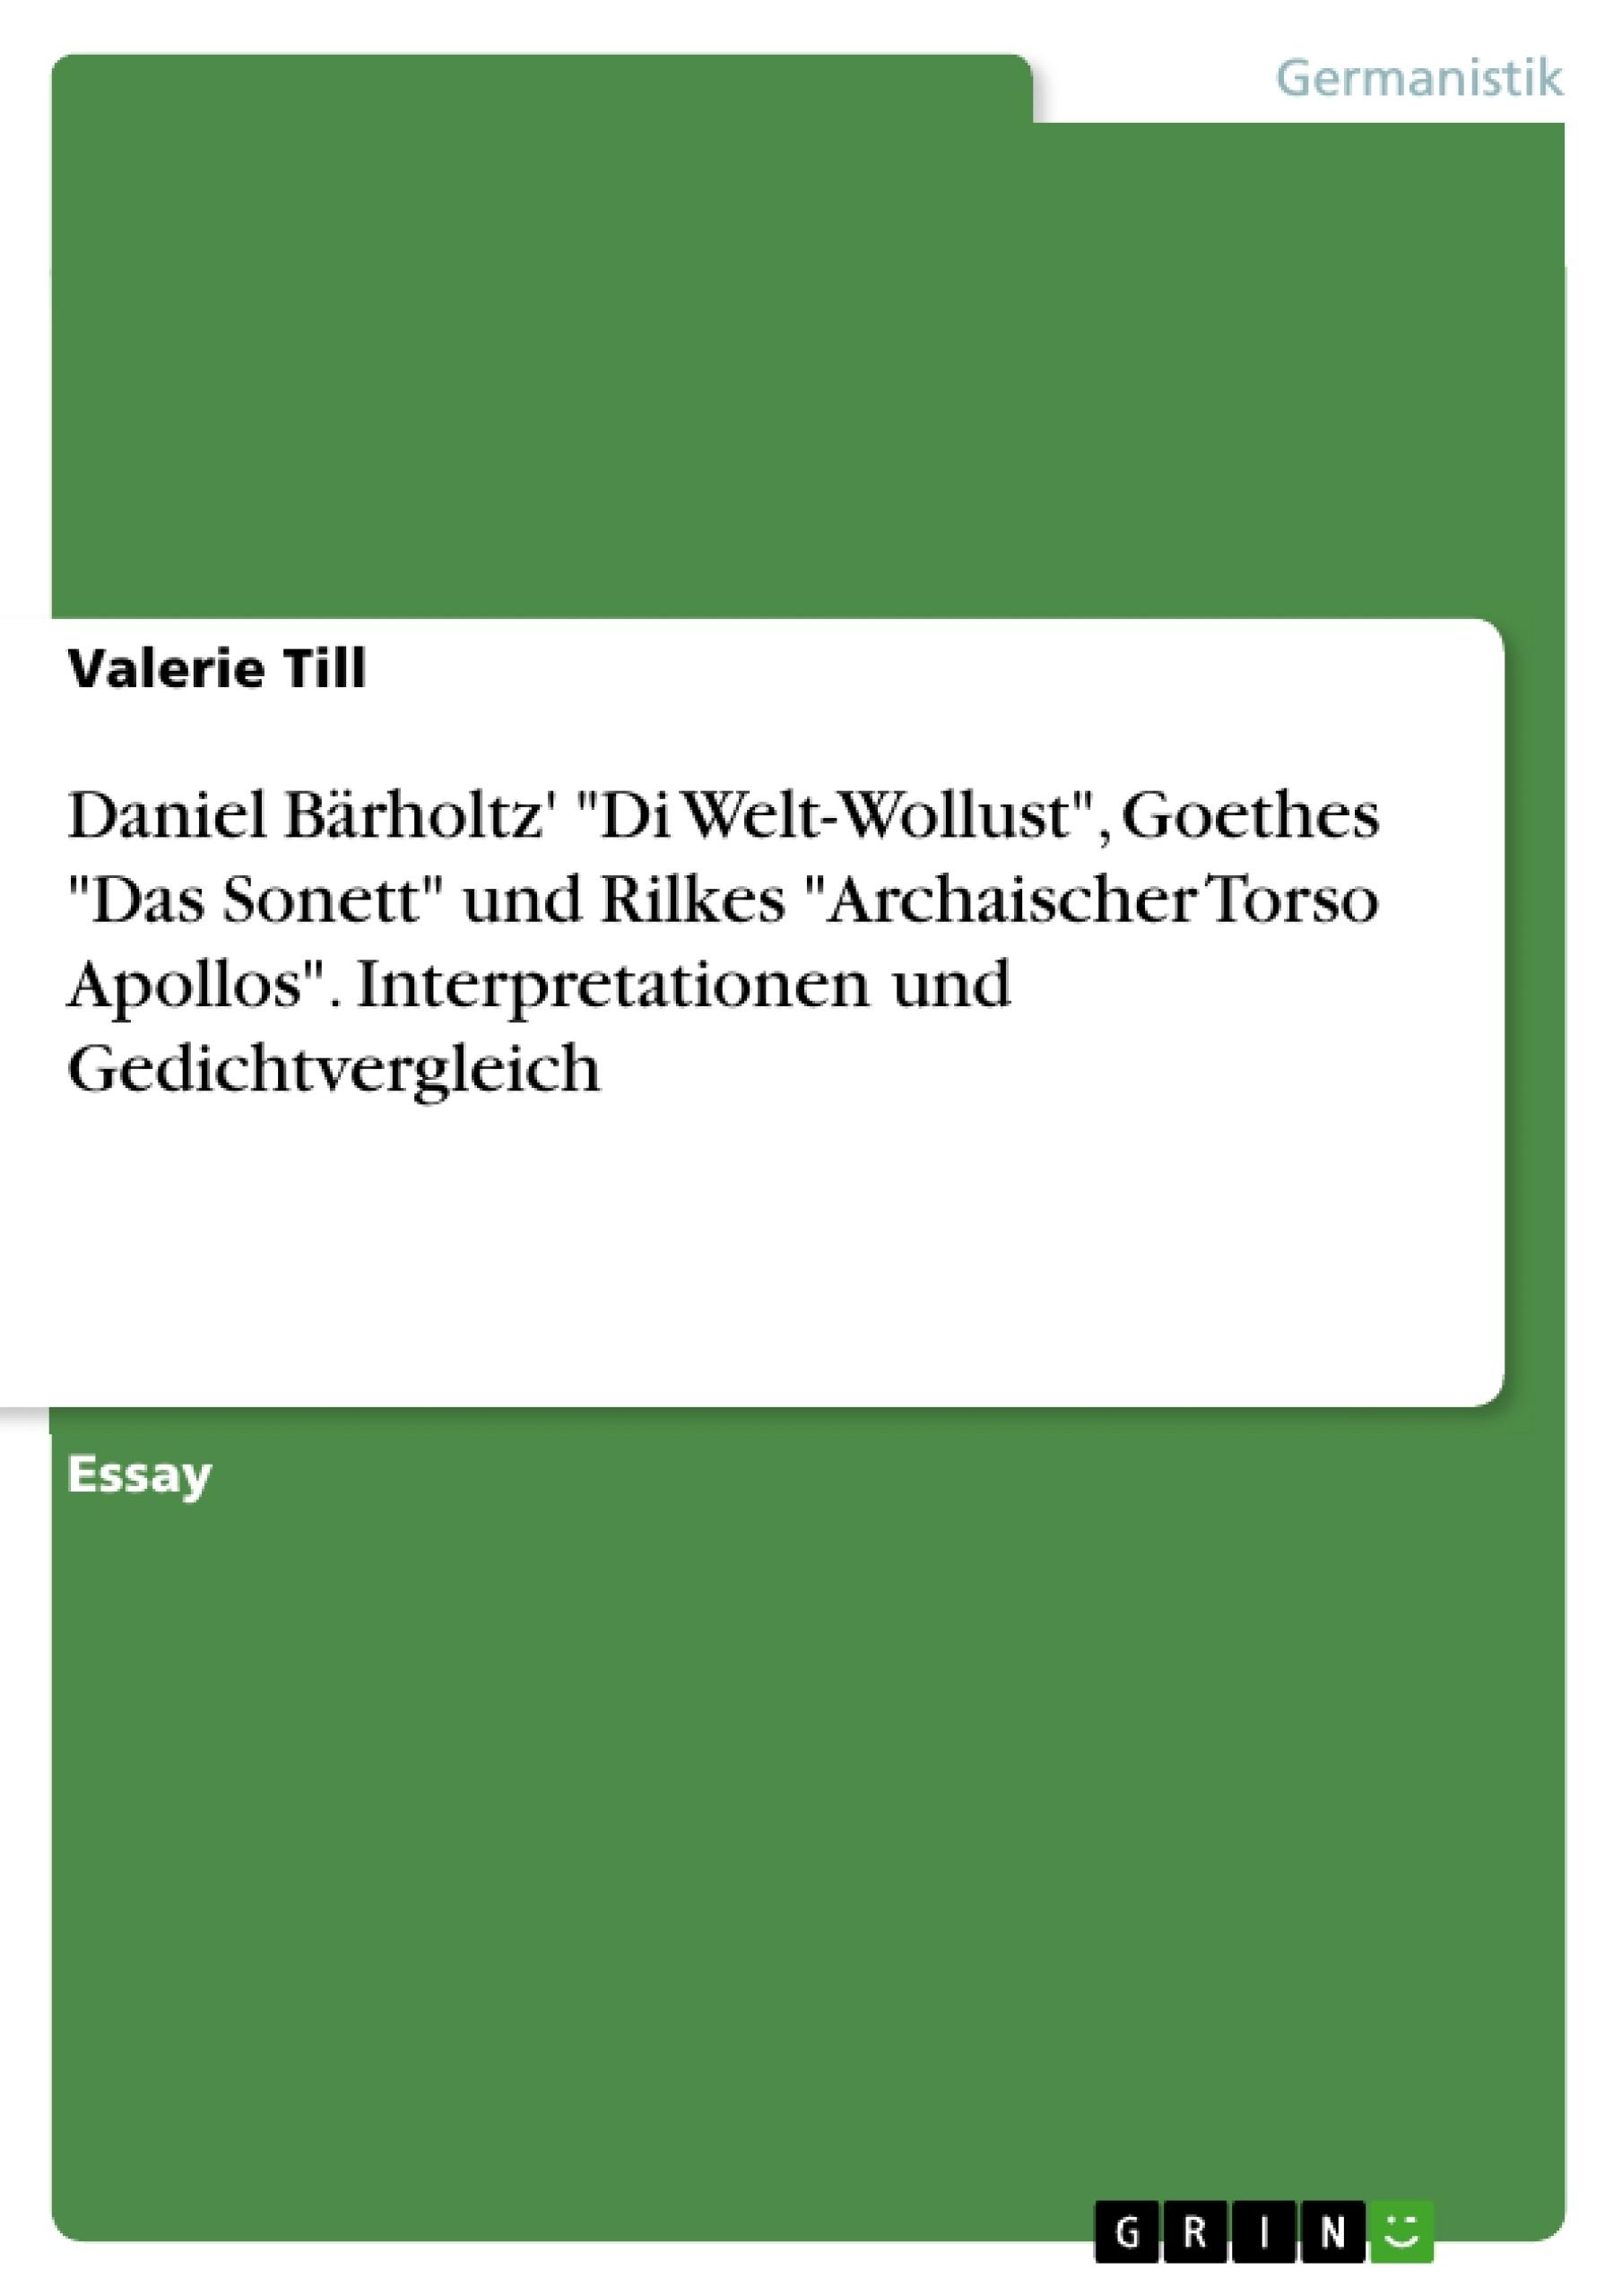 """Titel: Daniel Bärholtz' """"Di Welt-Wollust"""", Goethes """"Das Sonett"""" und Rilkes """"Archaischer Torso Apollos"""". Interpretationen und Gedichtvergleich"""